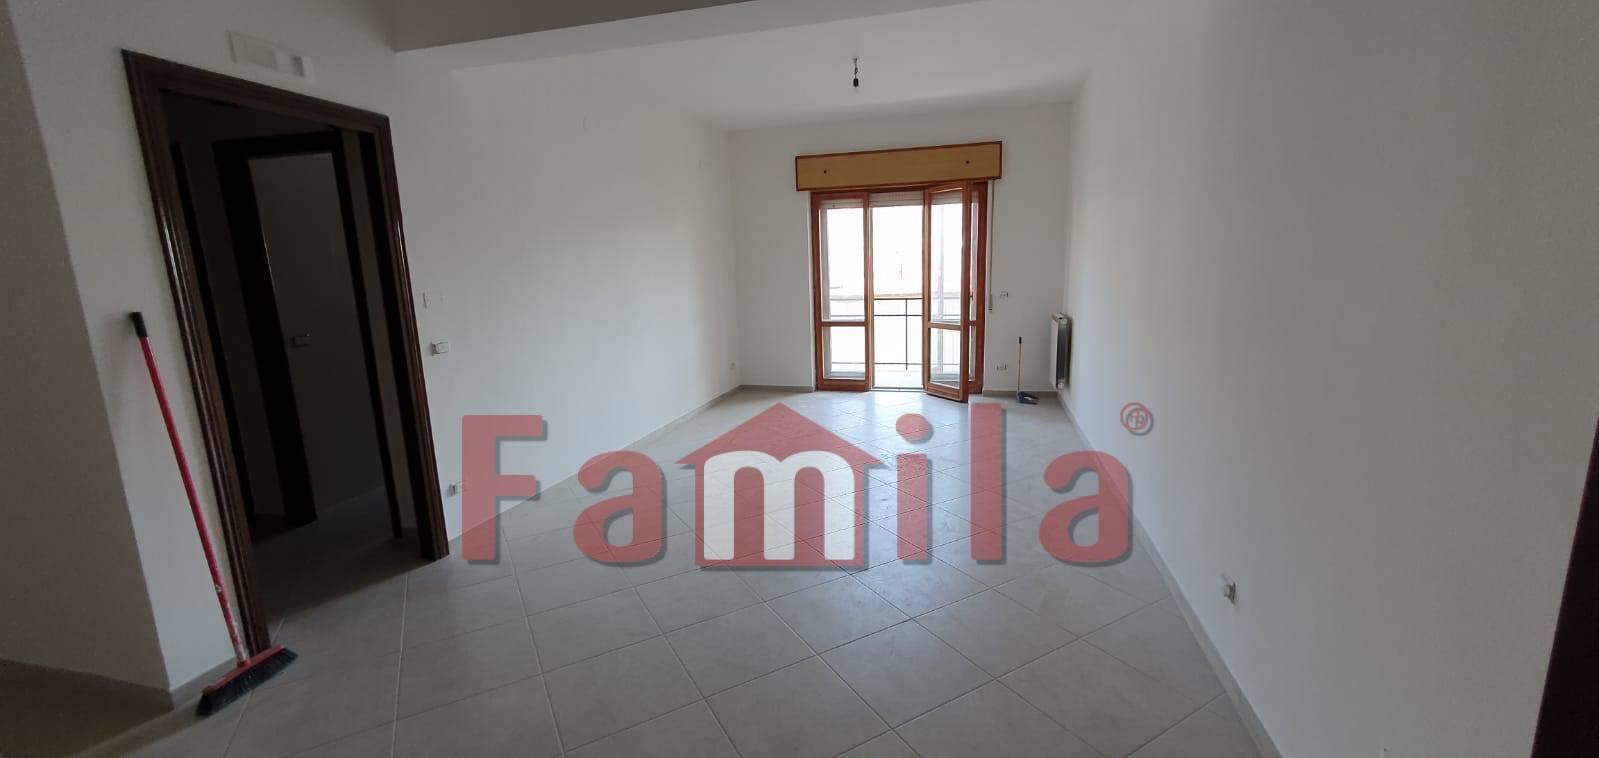 Foto - Appartamento In Vendita Sperone (av)